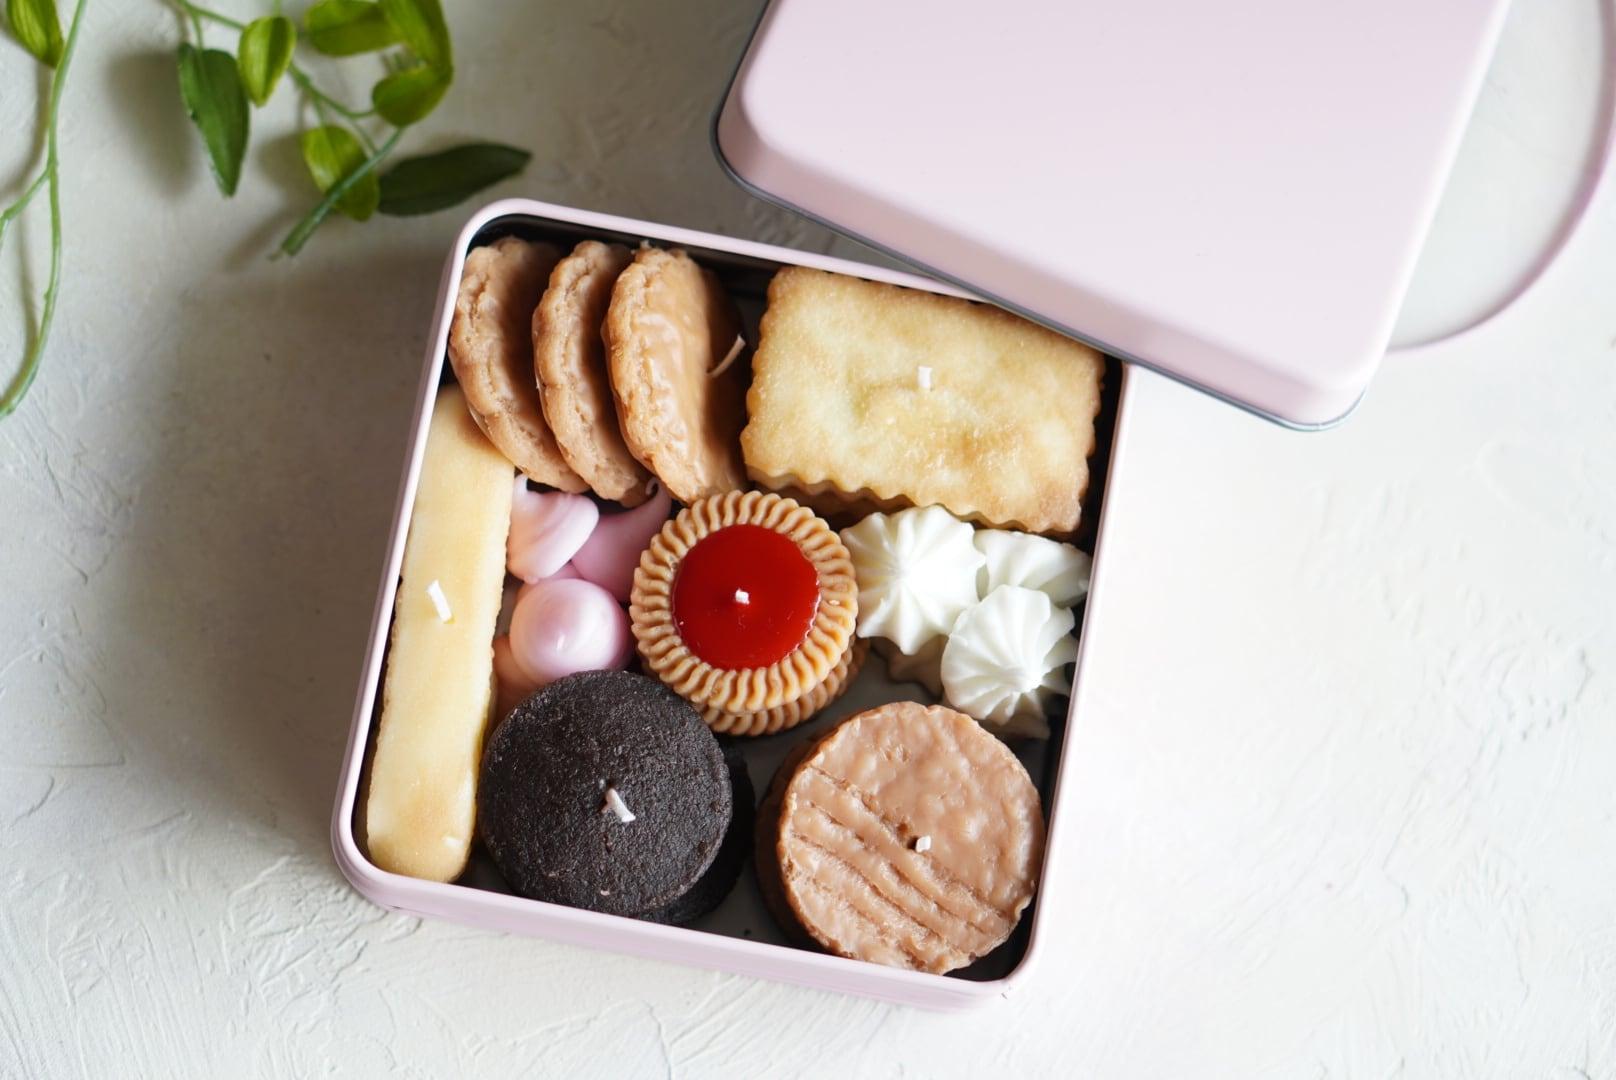 クッキー缶のキャンドル